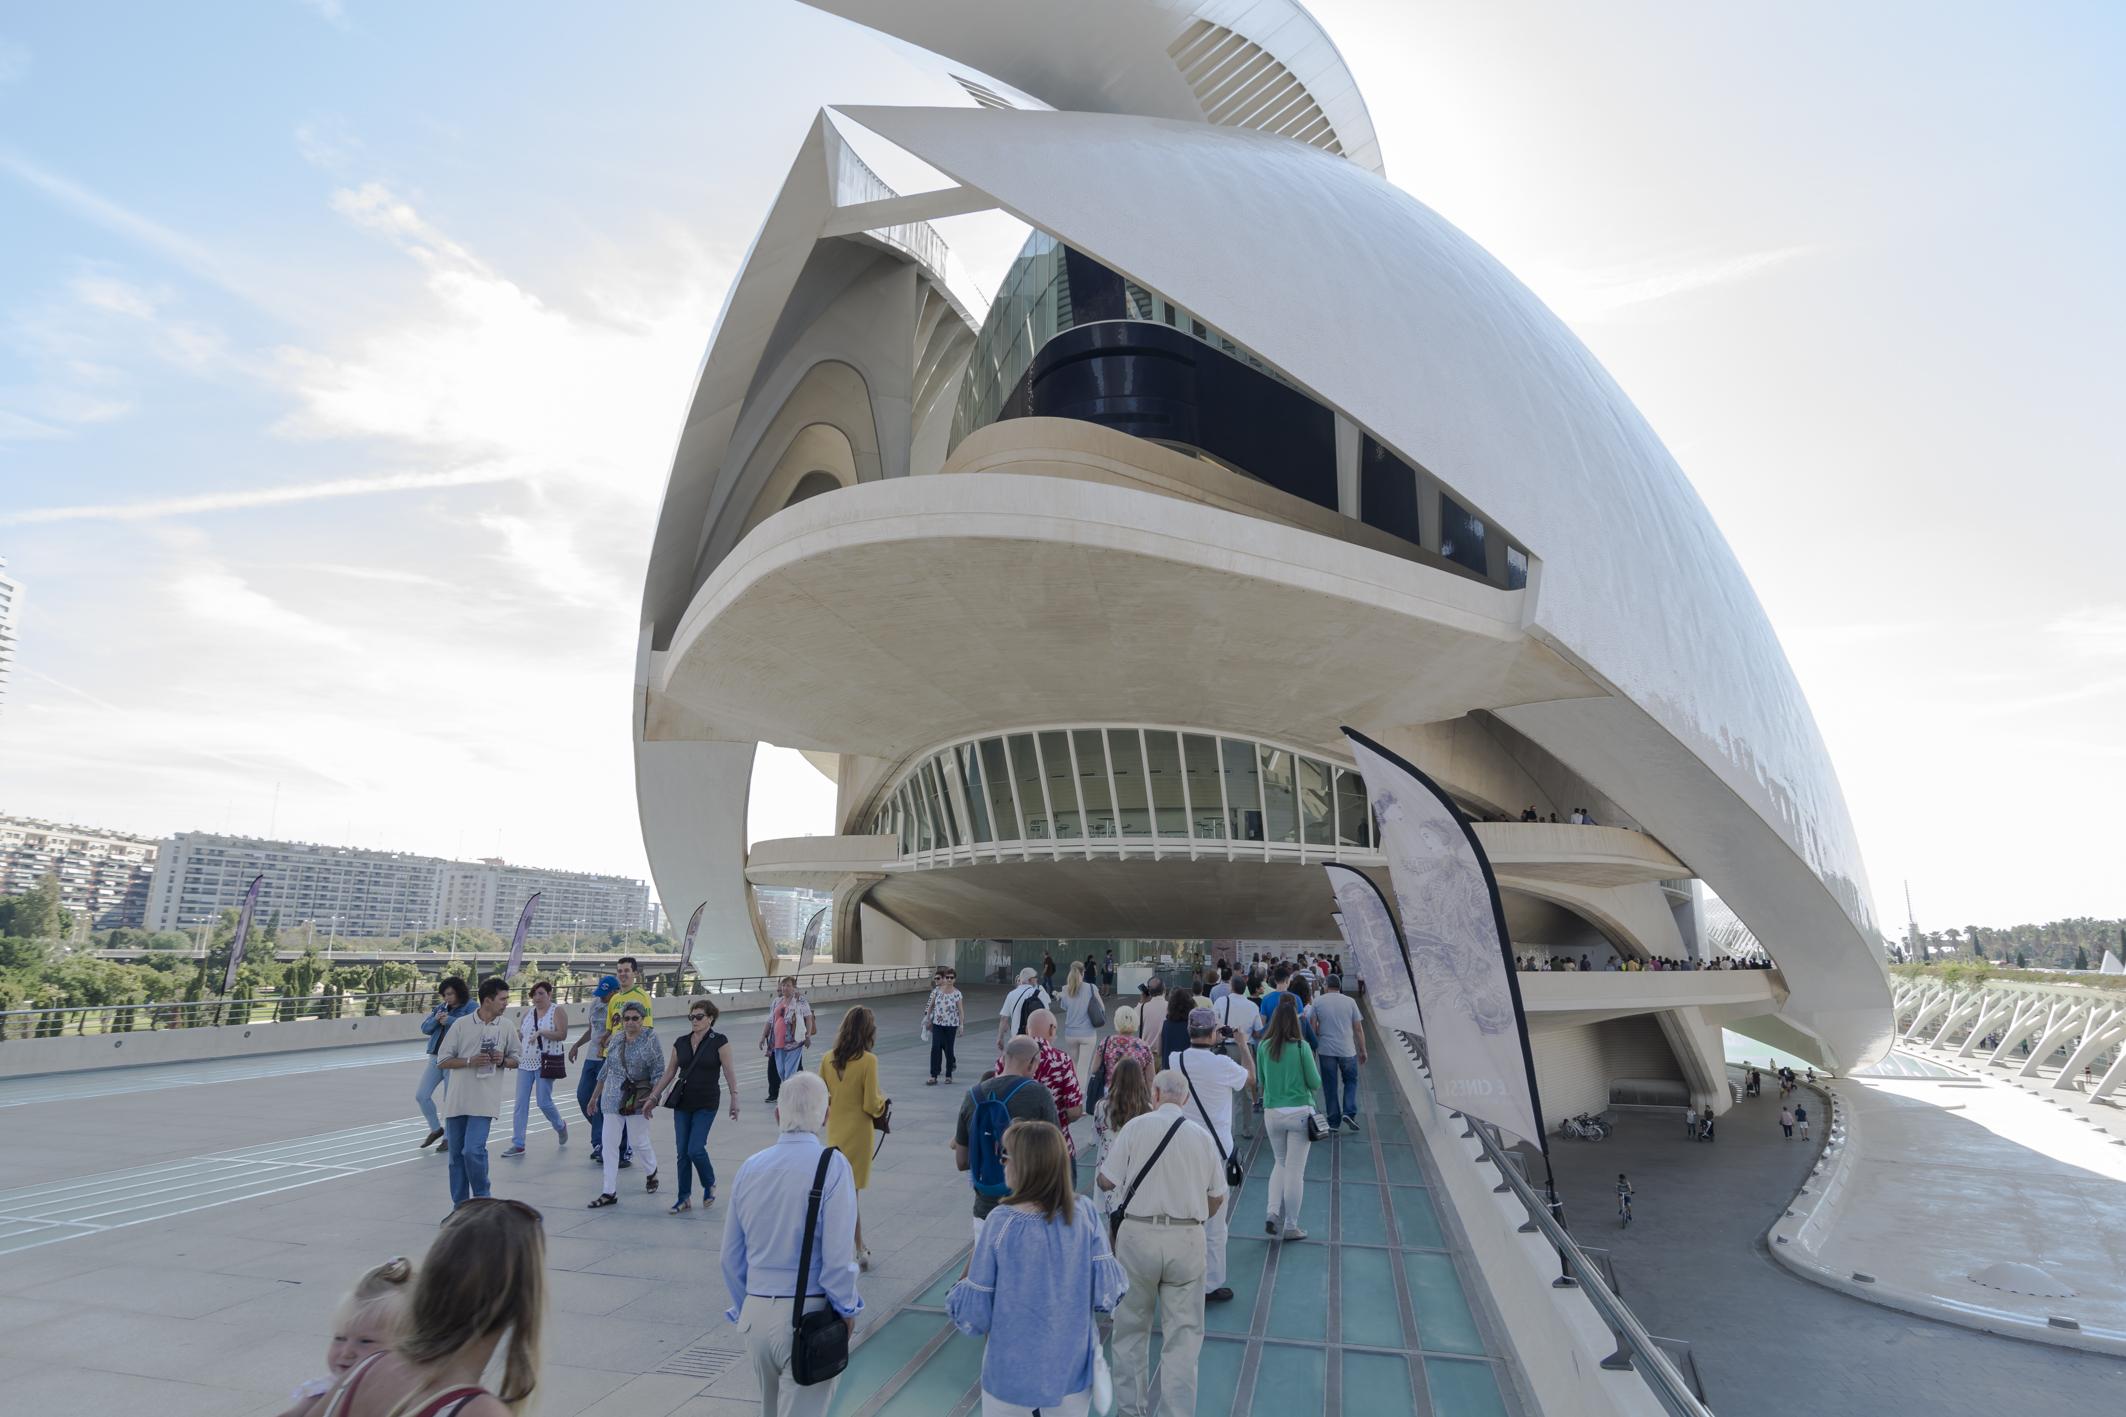 Les Arts ofrece un abono para su ciclo sinfónico por 60 euros para el alumnado universitario y de conservatorio